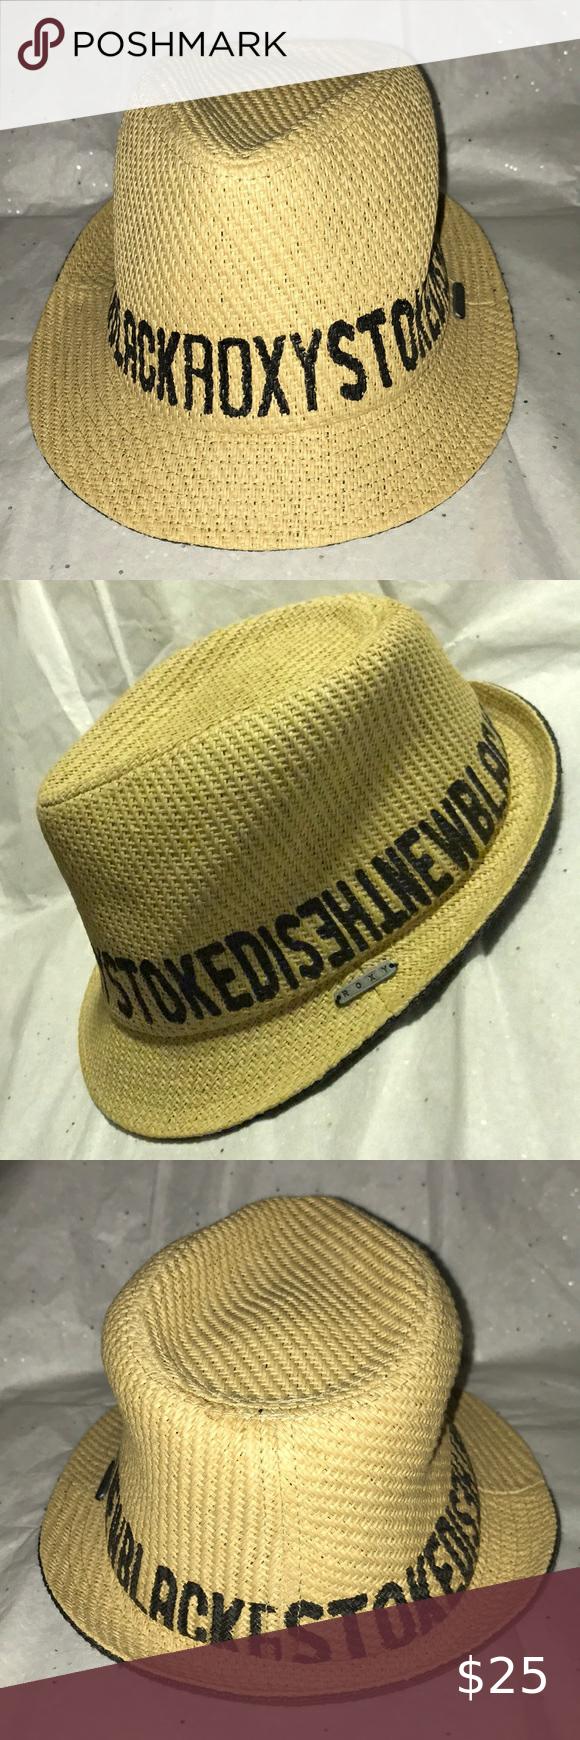 Roxy Stoked Straw Trilby Hat In 2020 Hats Roxy Trilby Hat